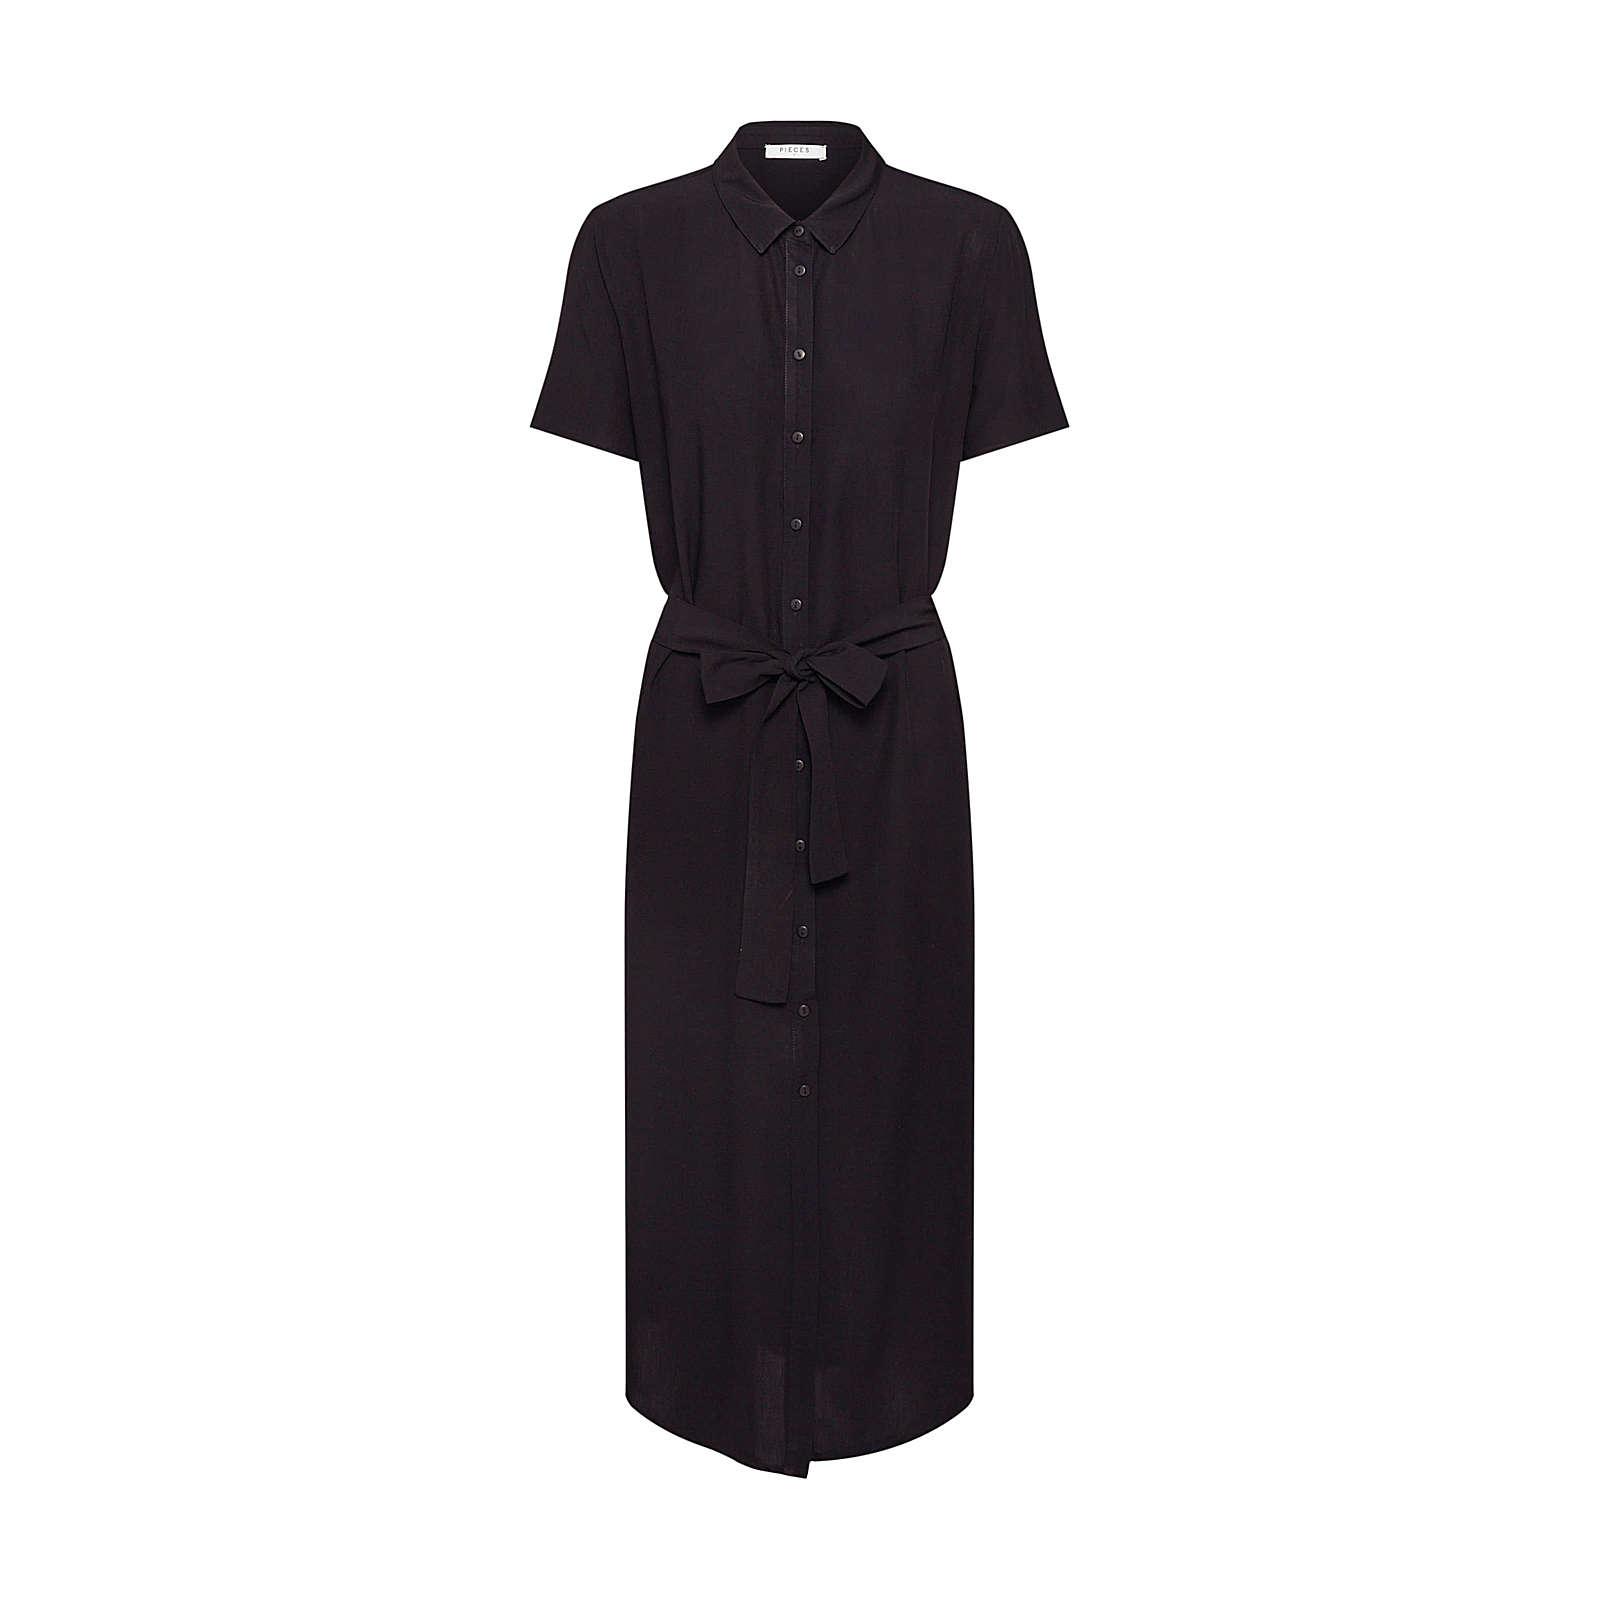 PIECES Blusenkleid CECILIE Blusenkleider schwarz Damen Gr. 36